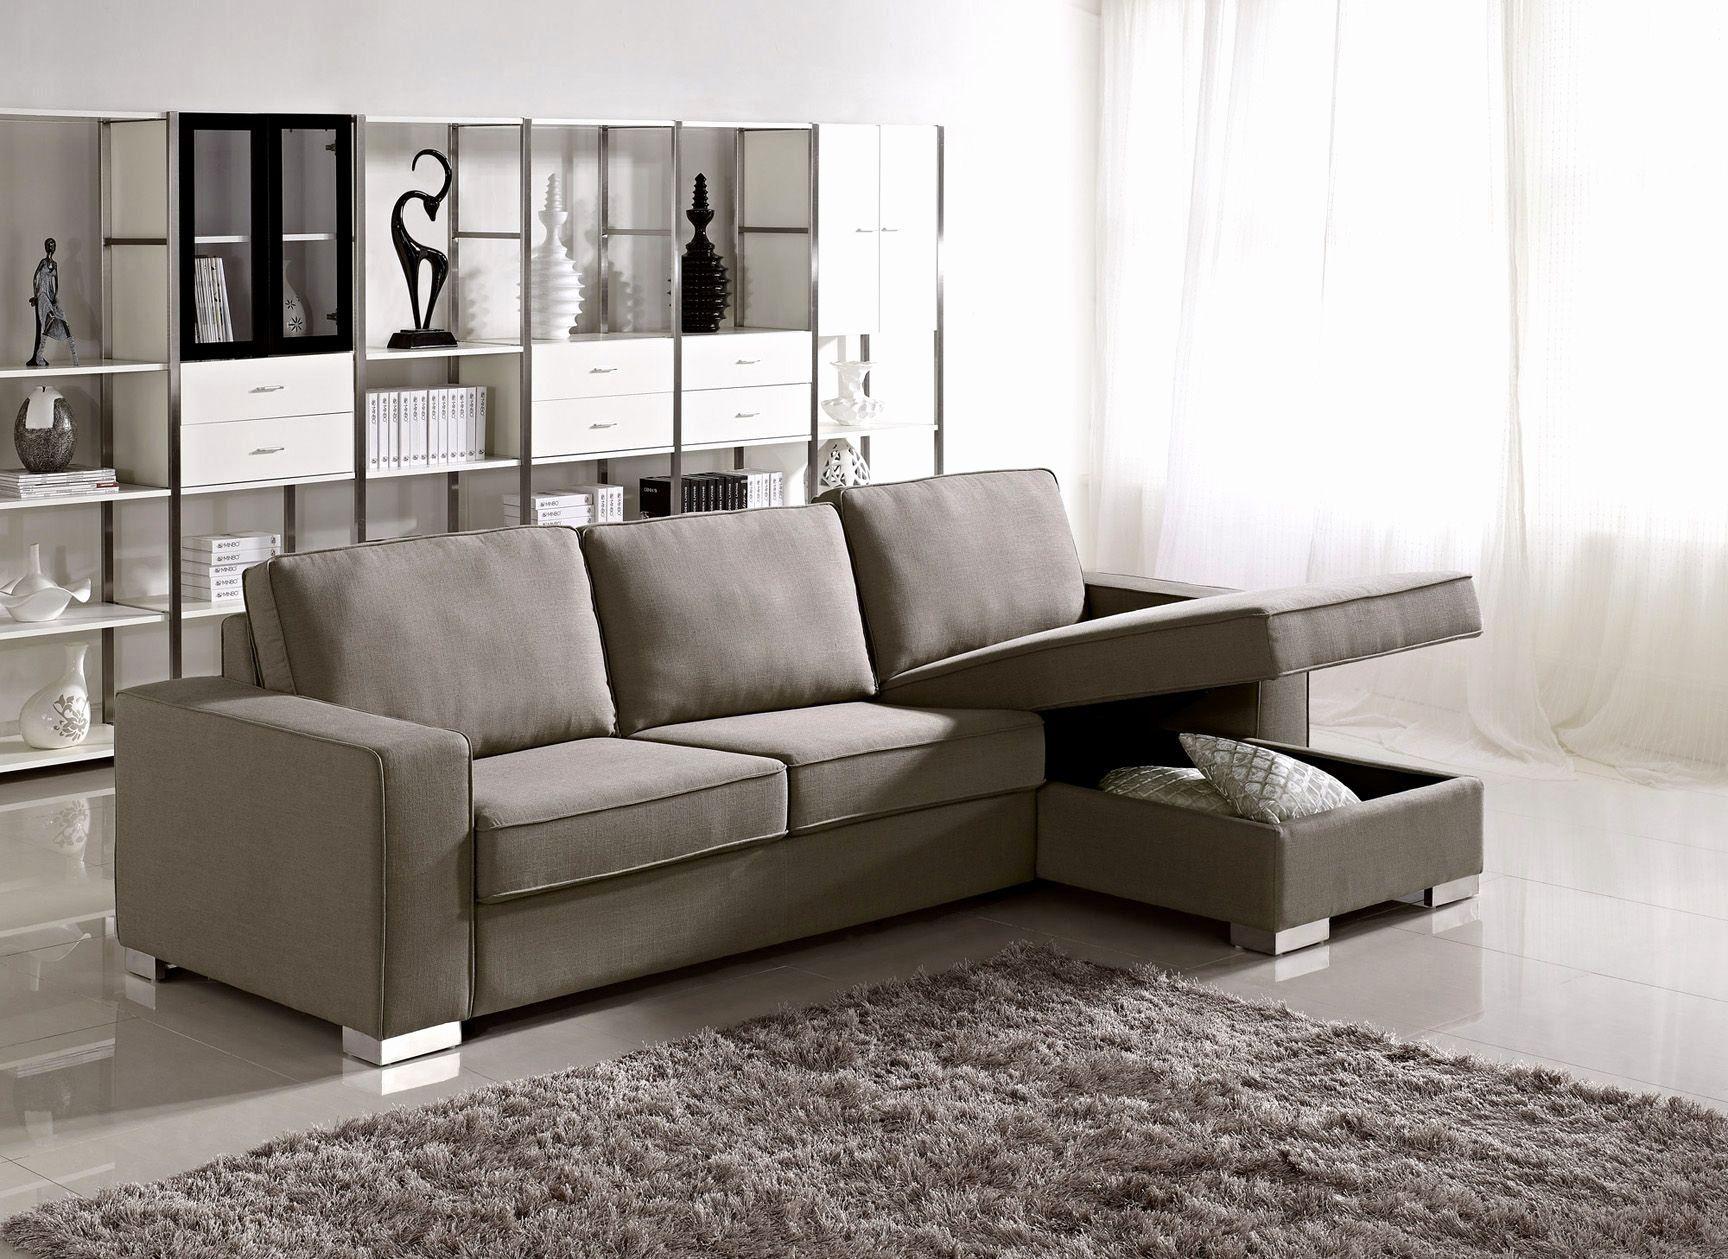 Unique Best Apartment Sofas Photograpy Best Apartment Sofas Living Room Apartment Sectional Sofa Sectional Sofa Sofa Decor